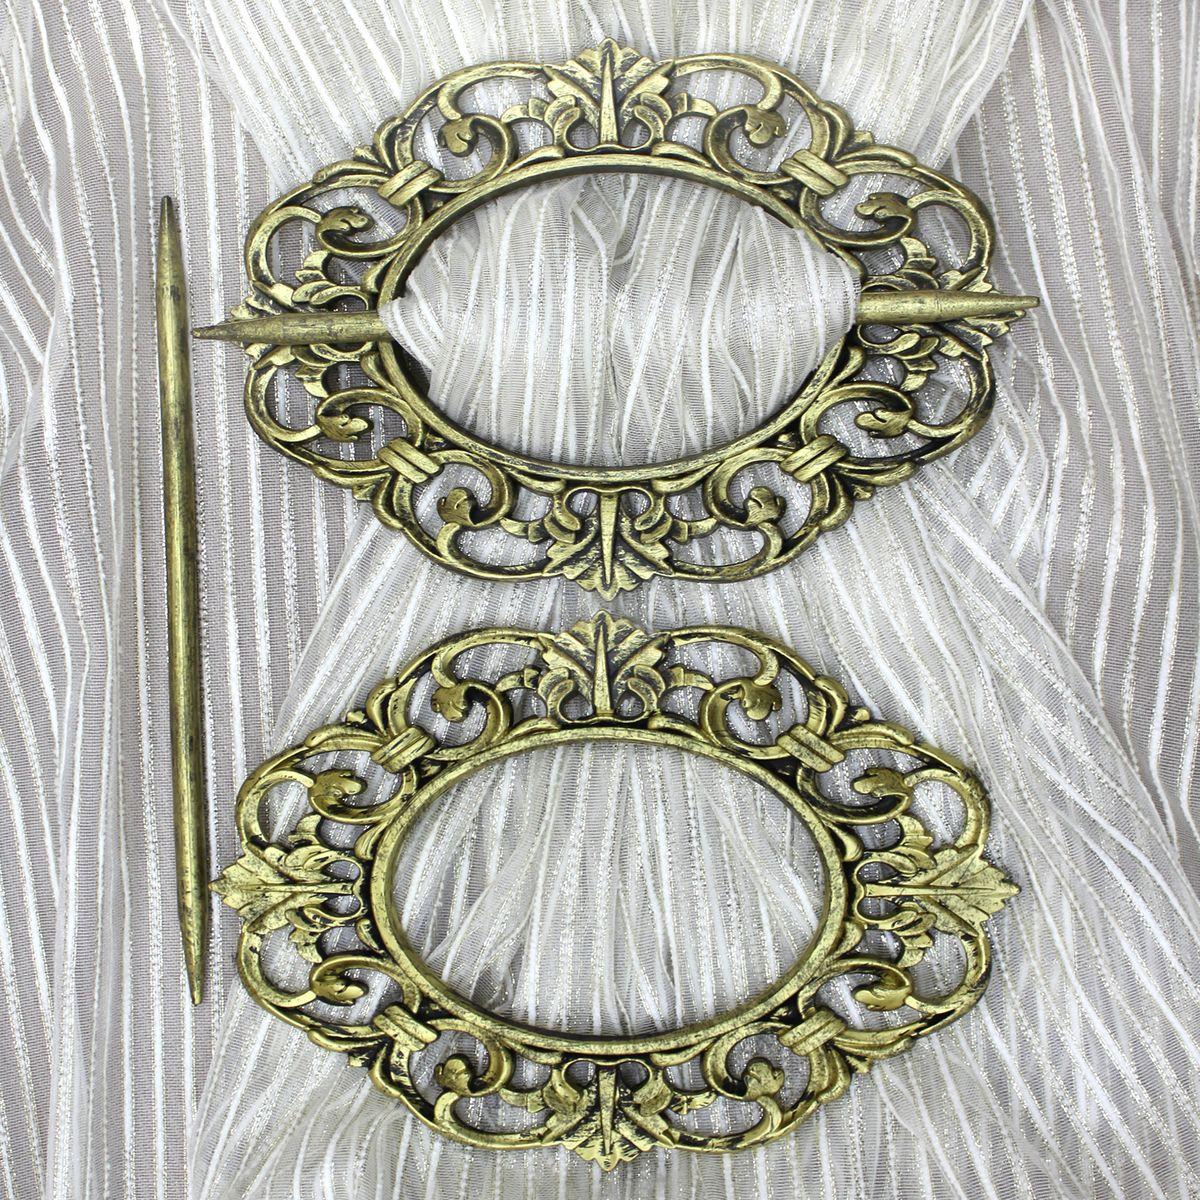 Заколка для штор TexRepublic Oval, цвет: золотистый, 2 шт. MI C2-1082009Заколка TexRepublic Oval, выполненная из высококачественного пластика, предназначена для фиксации штор или для формирования декоративных складок на ткани. С ее помощью можно зафиксировать шторы или скрепить их, придать им требуемое положение, сделать симметричные складки.Заколка для штор является универсальным изделием, которое превосходно подойдет для любых видов штор. Изделие придаст шторам восхитительный, стильный внешний вид и добавит уют в интерьер помещения. В комплекте 2 заколки.